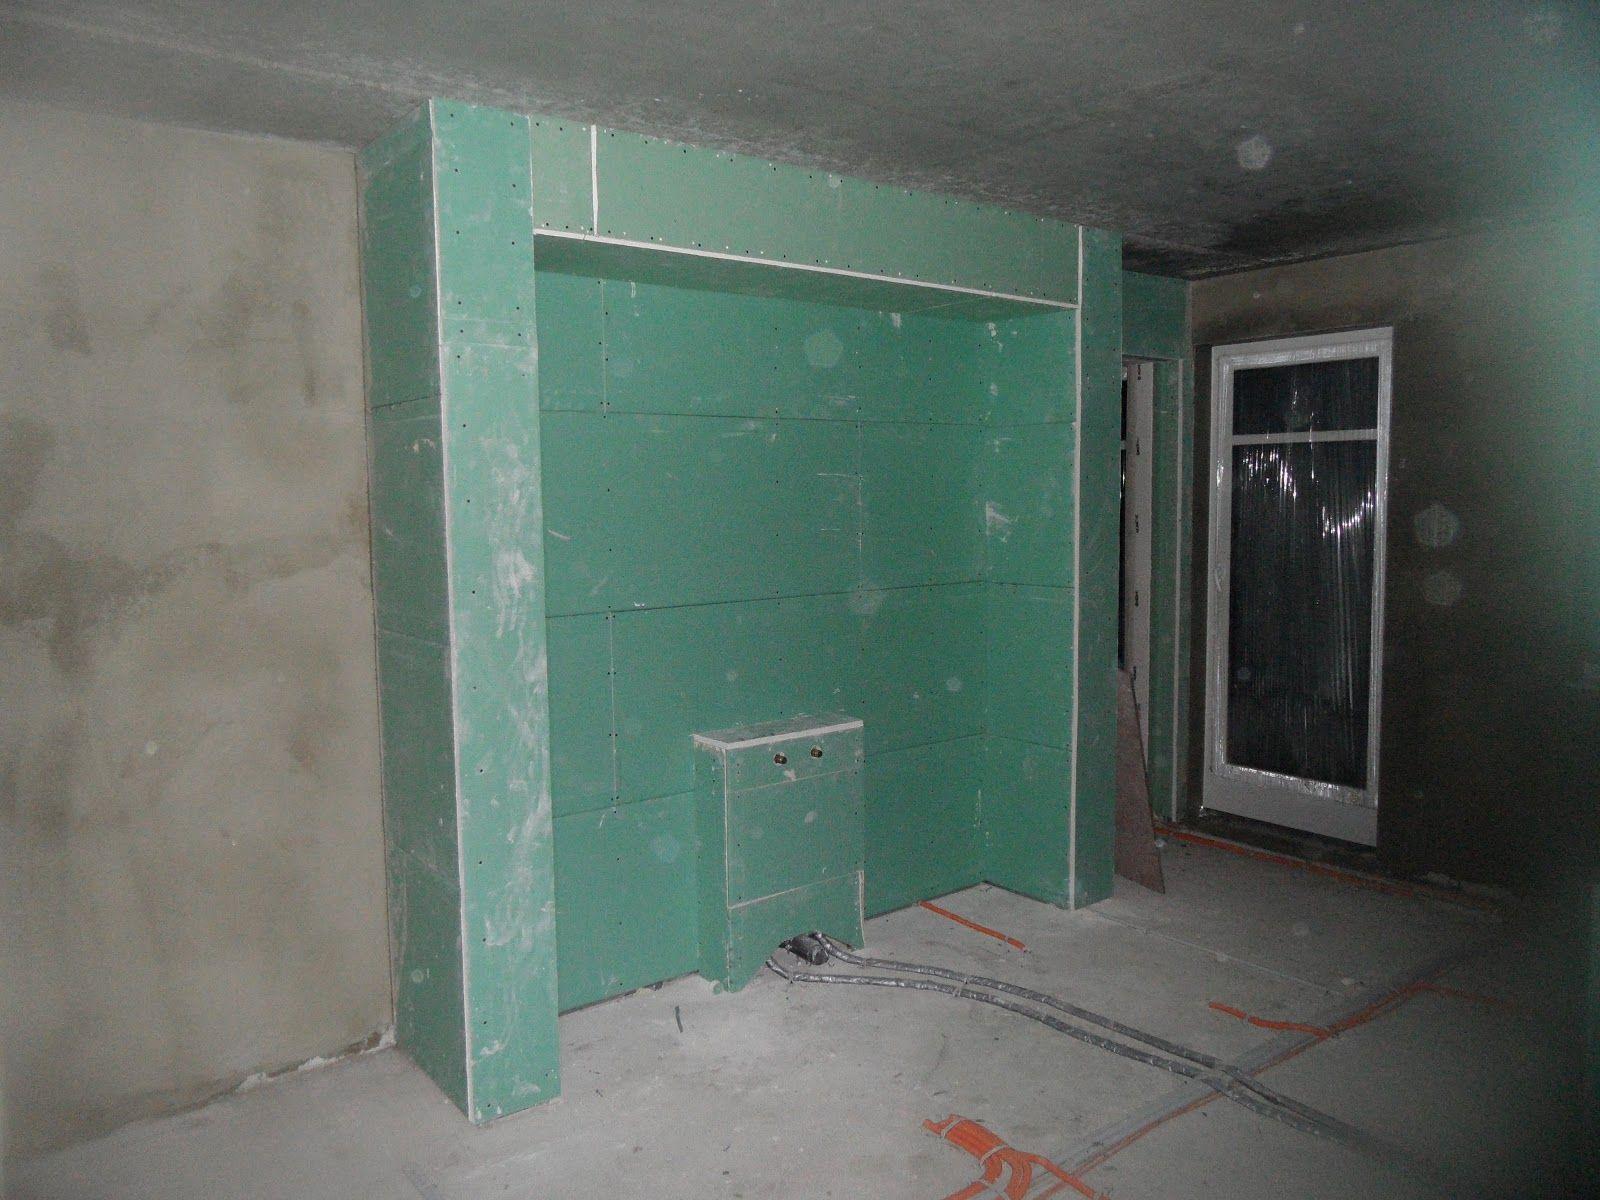 Trockenbau Systeme Im Badezimmer Trockenbau Badezimmer Trockenbau Badezimmer Fliesen